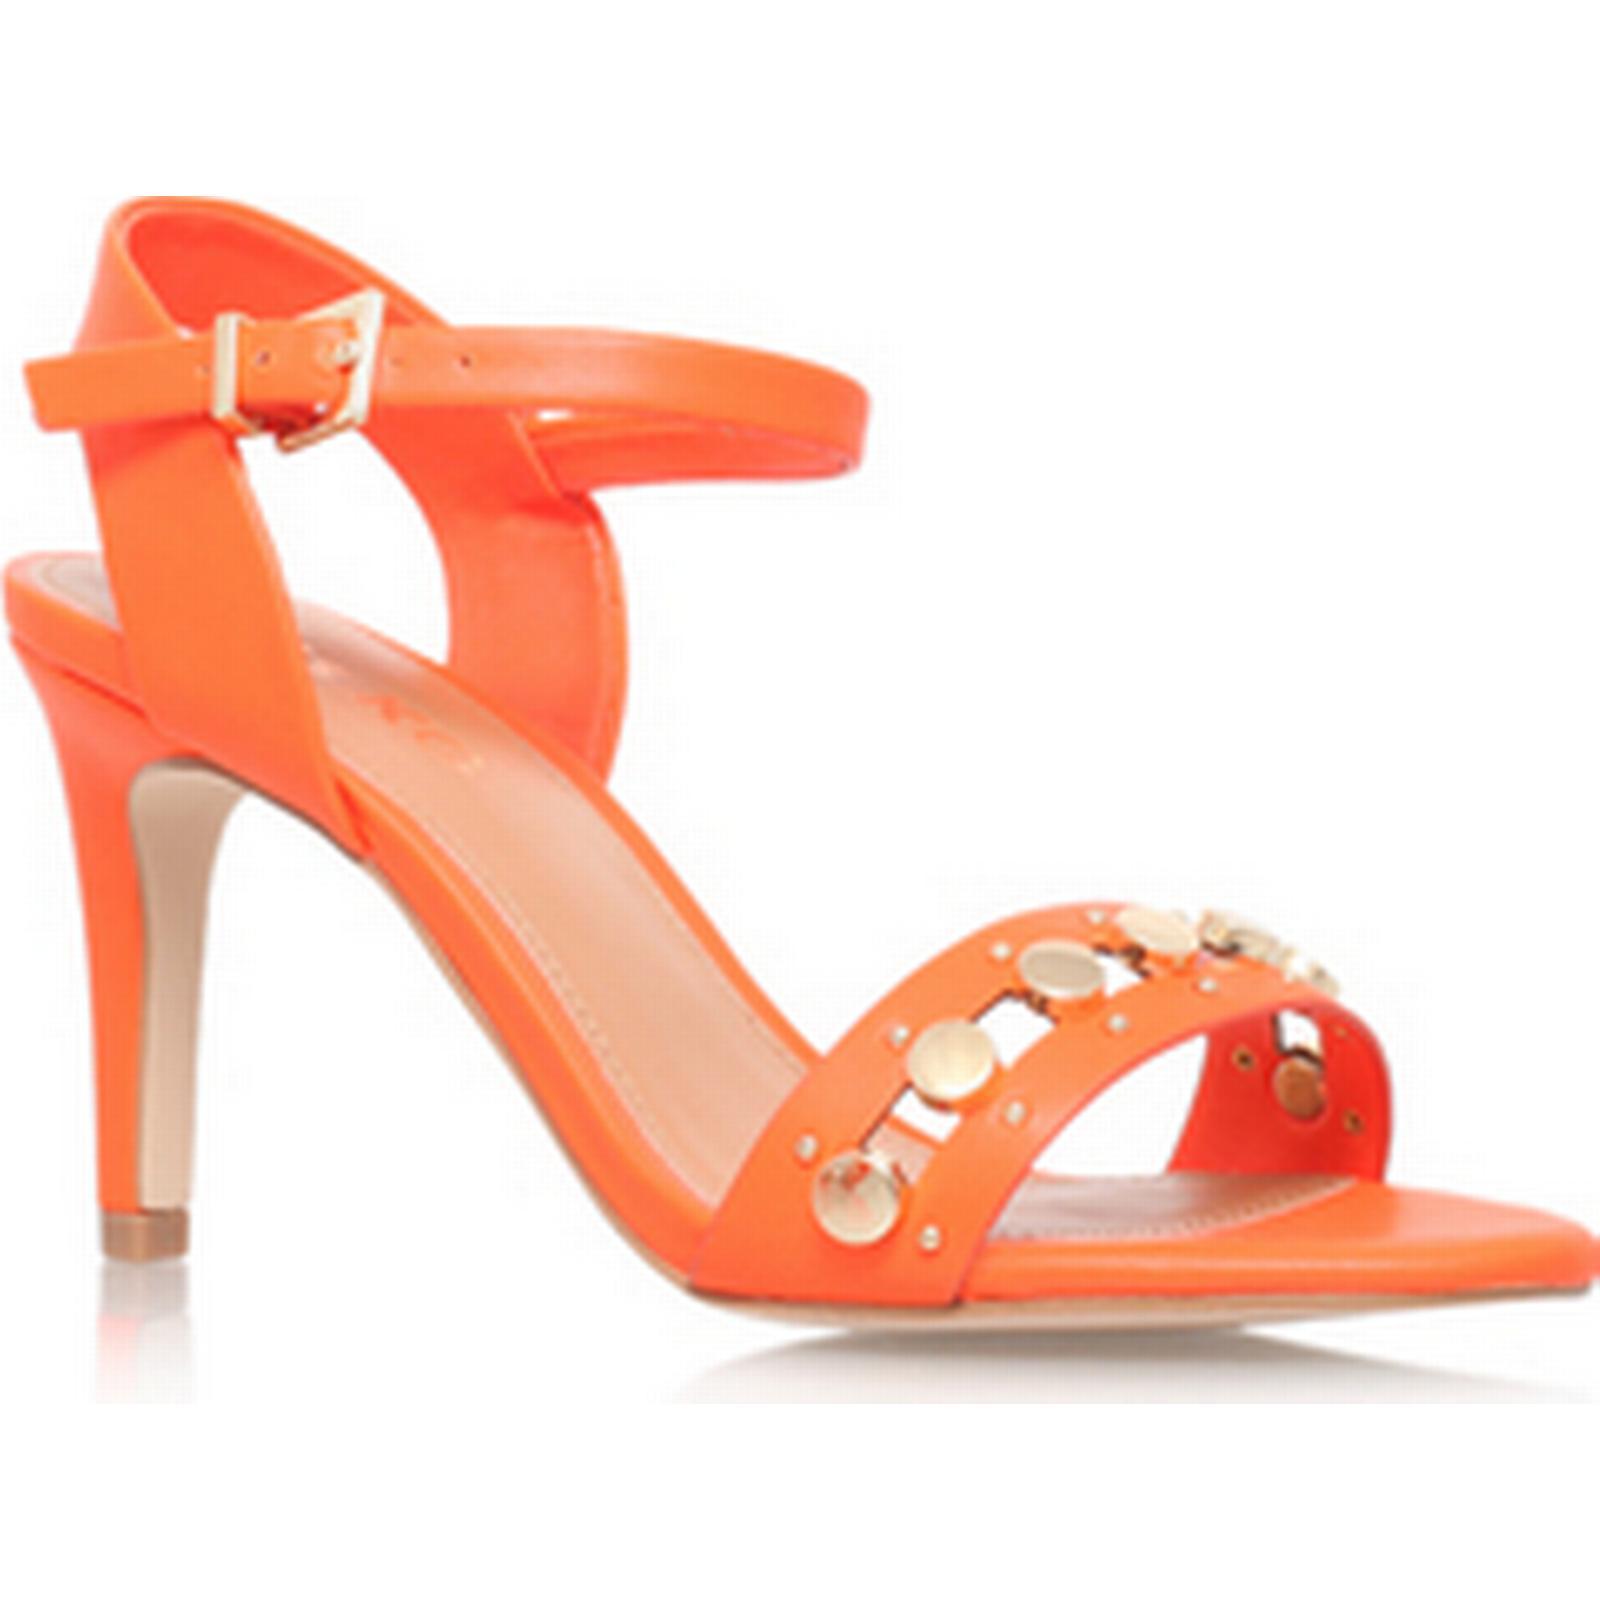 Gentleman/Lady - - MISS KG ERICA - Gentleman/Lady Global sales 1dcb60